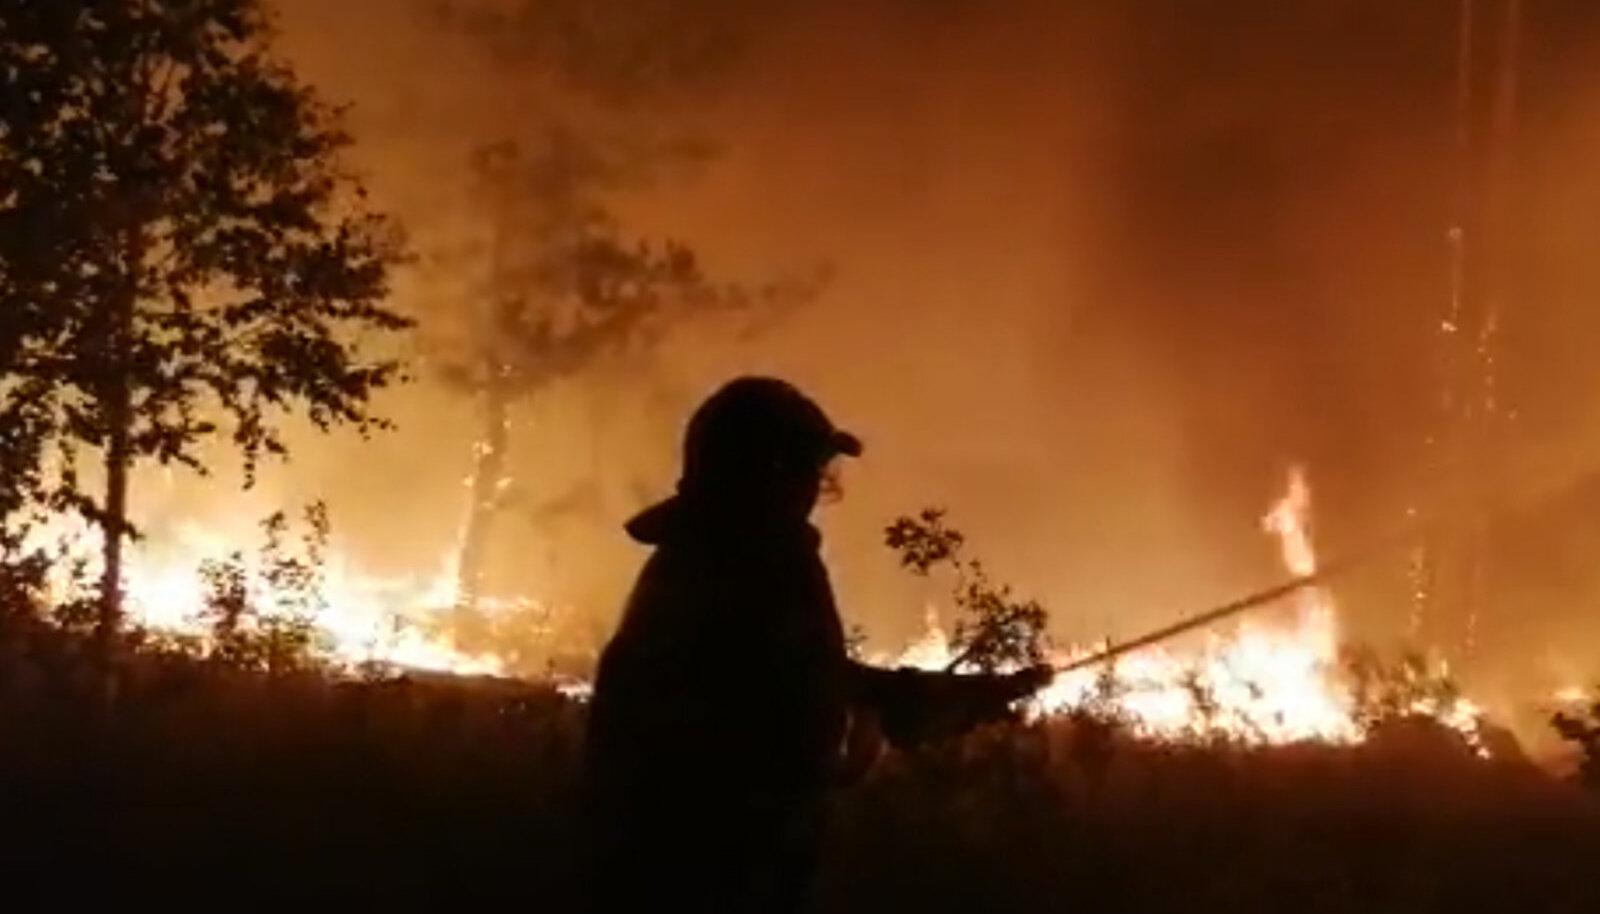 Uuralite idanõlval asuvas Tšeljabinskis hävitas tuli eelmisel nädalal kümneid kodusid.